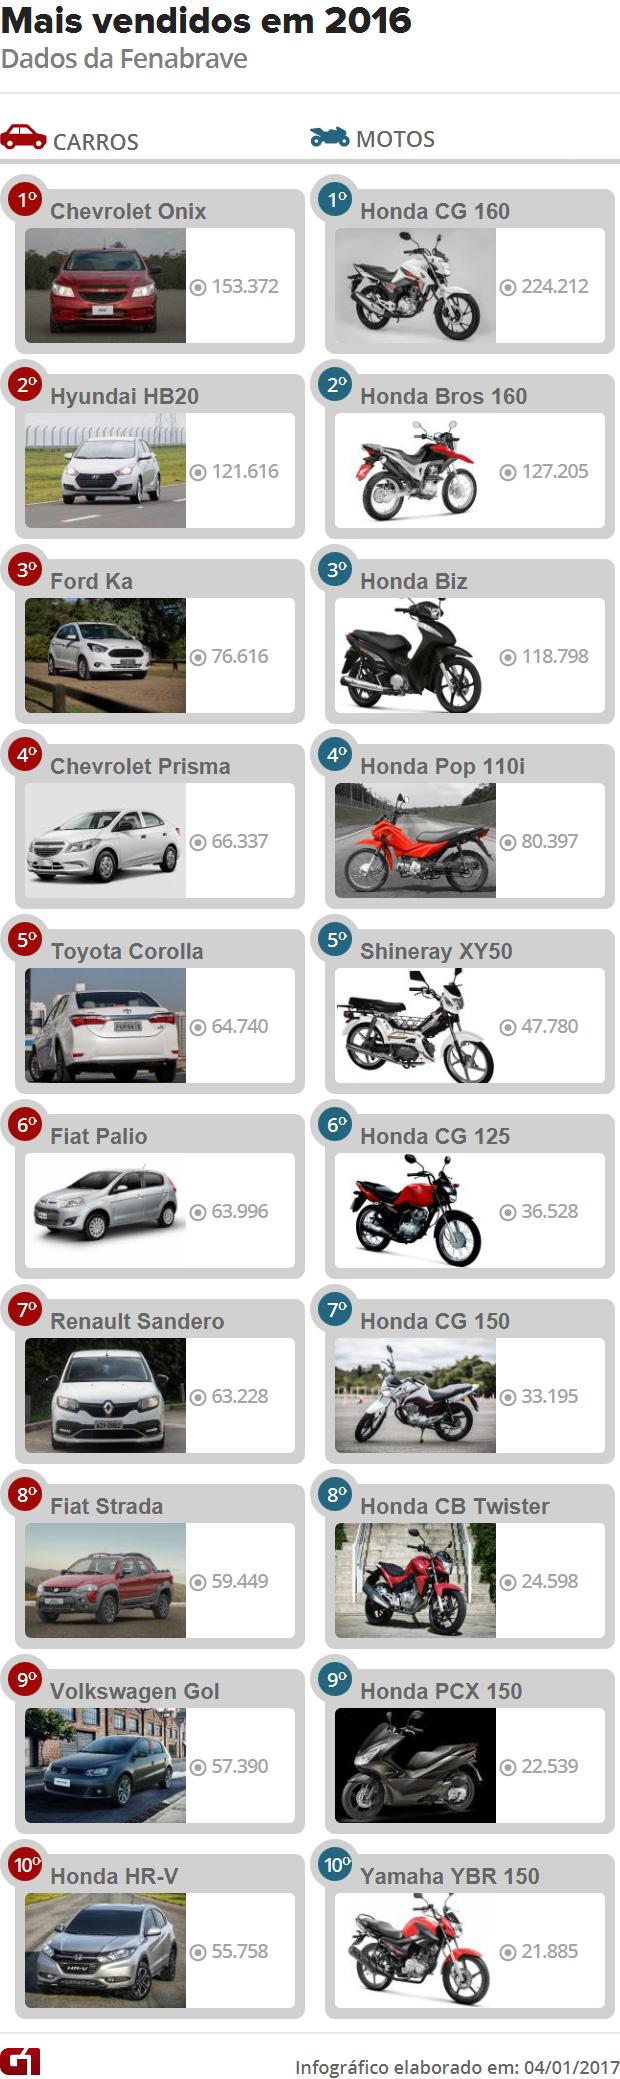 10 carros e 10 motos mais vendidos de 2016 - Fenabrave (Foto: Arte/G1)